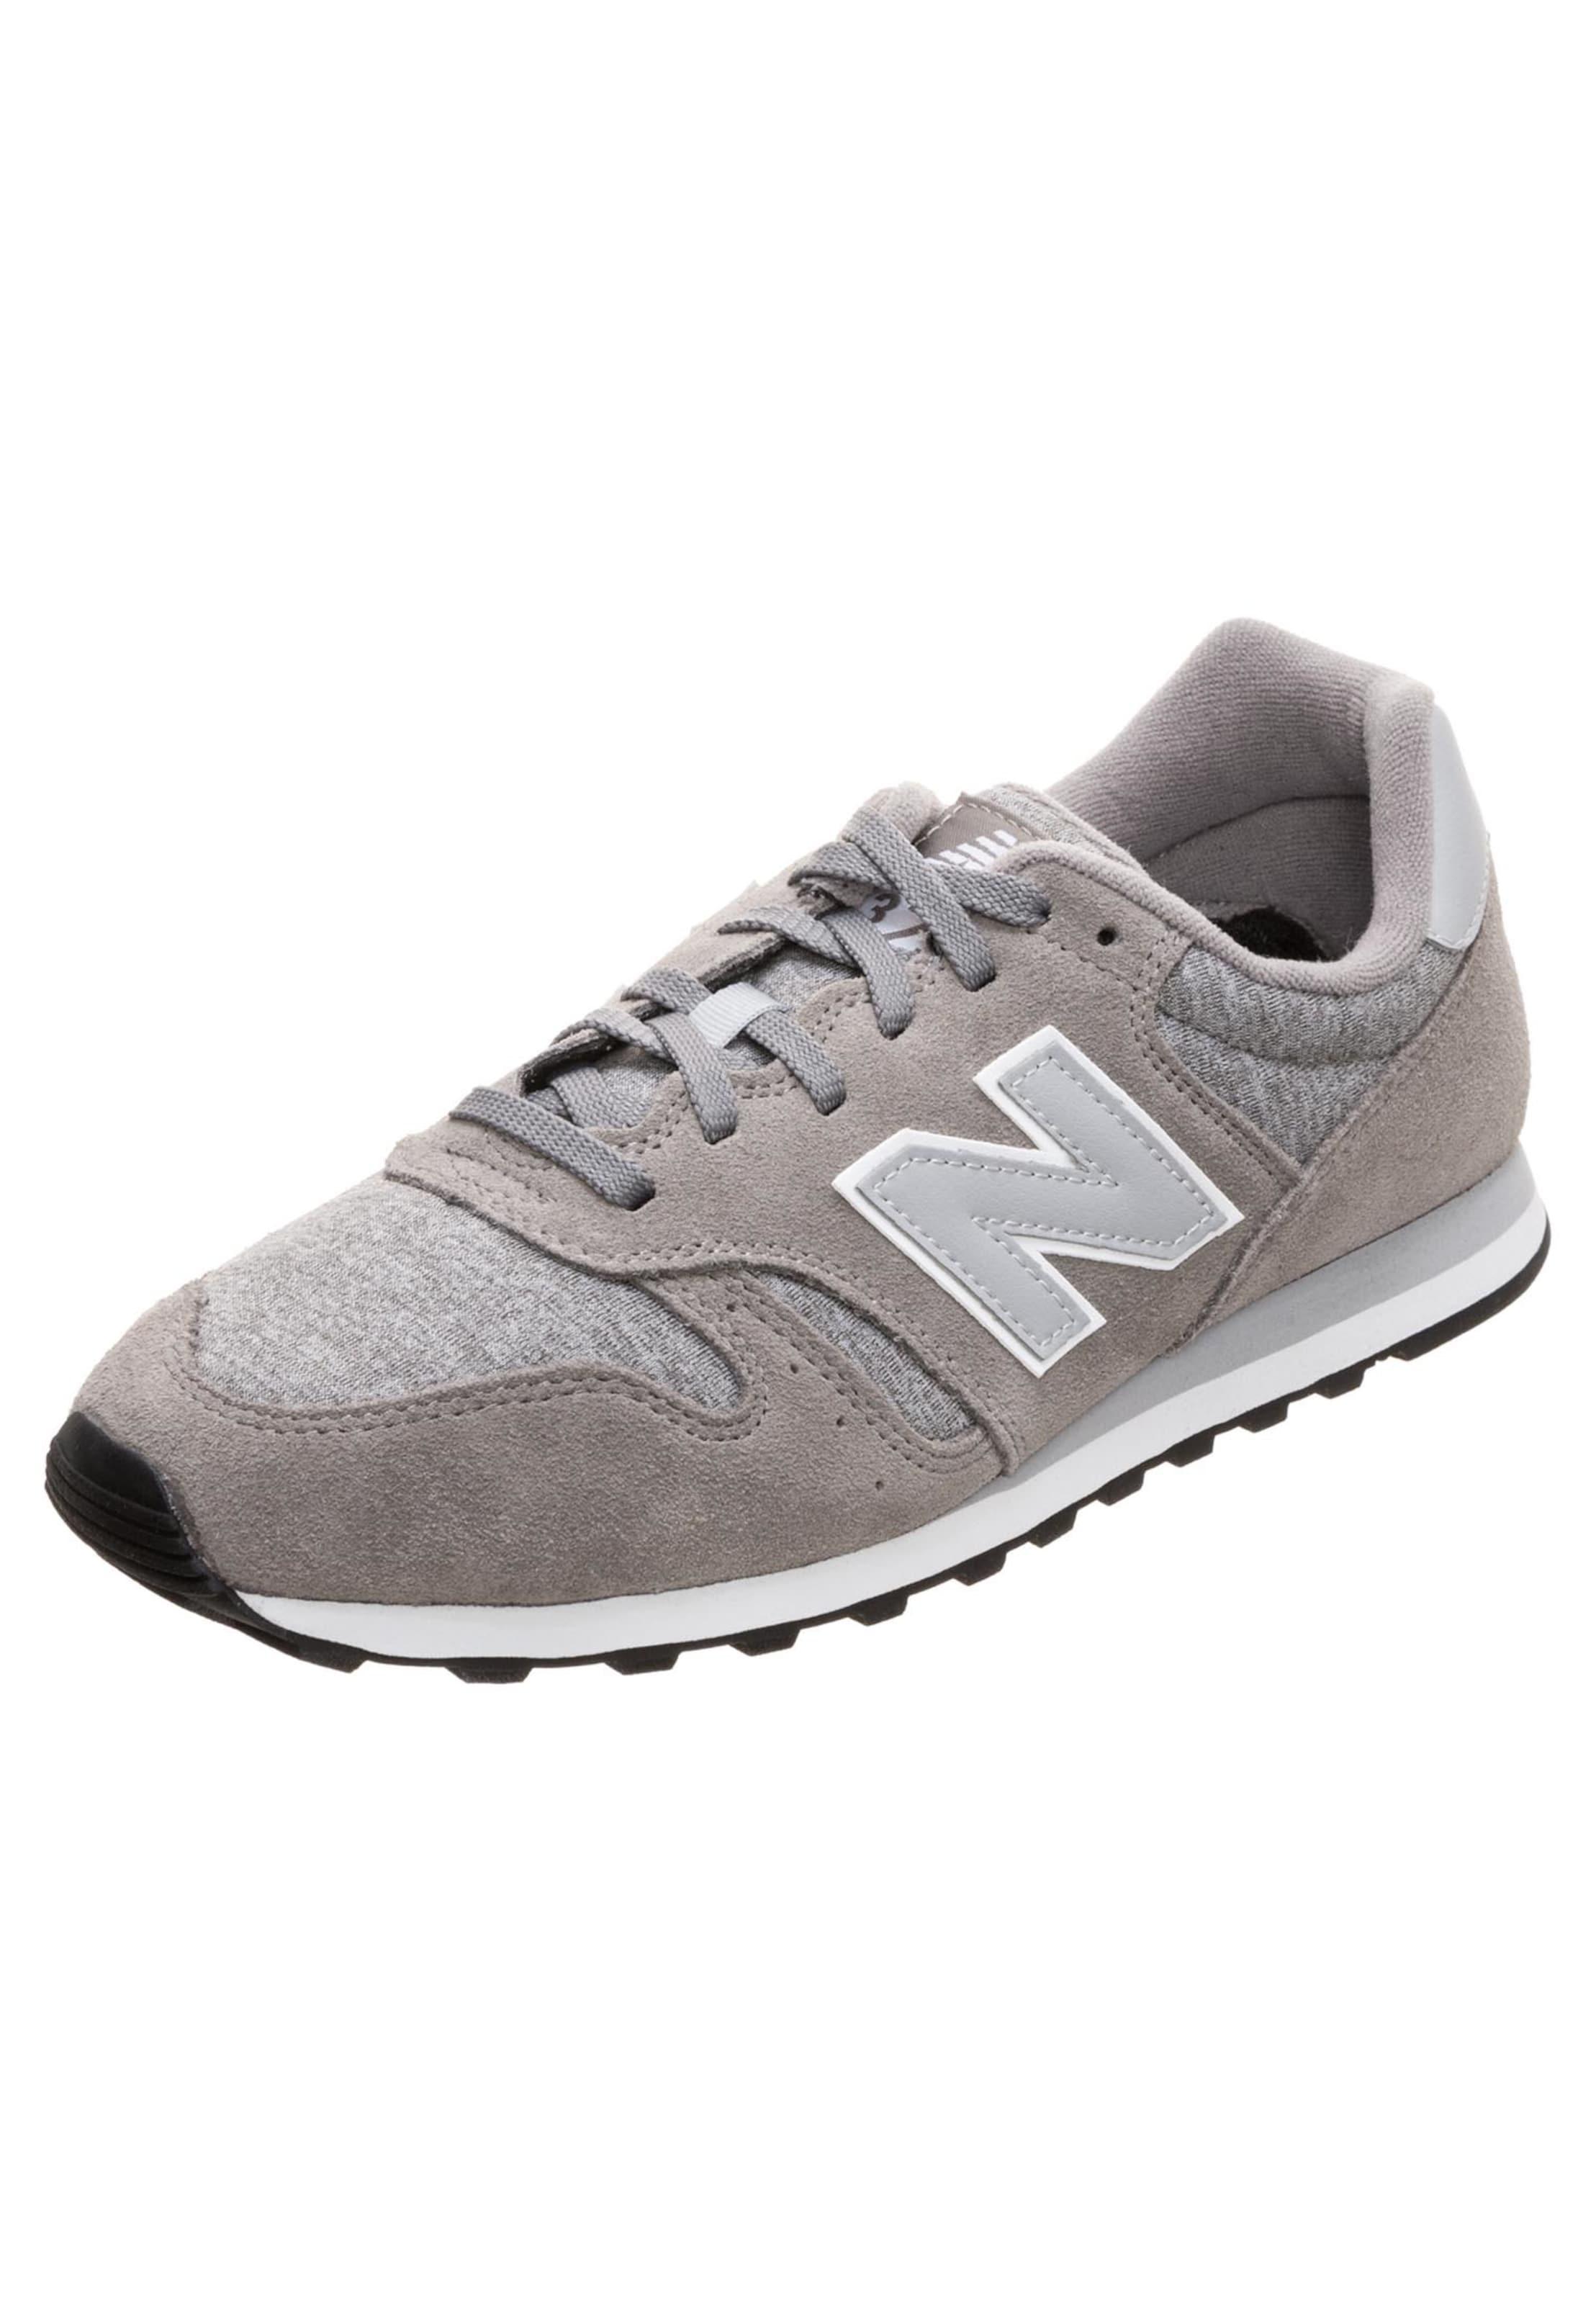 New Balance Ml373 Grau gjr d Sneaker In 1TlFKJc